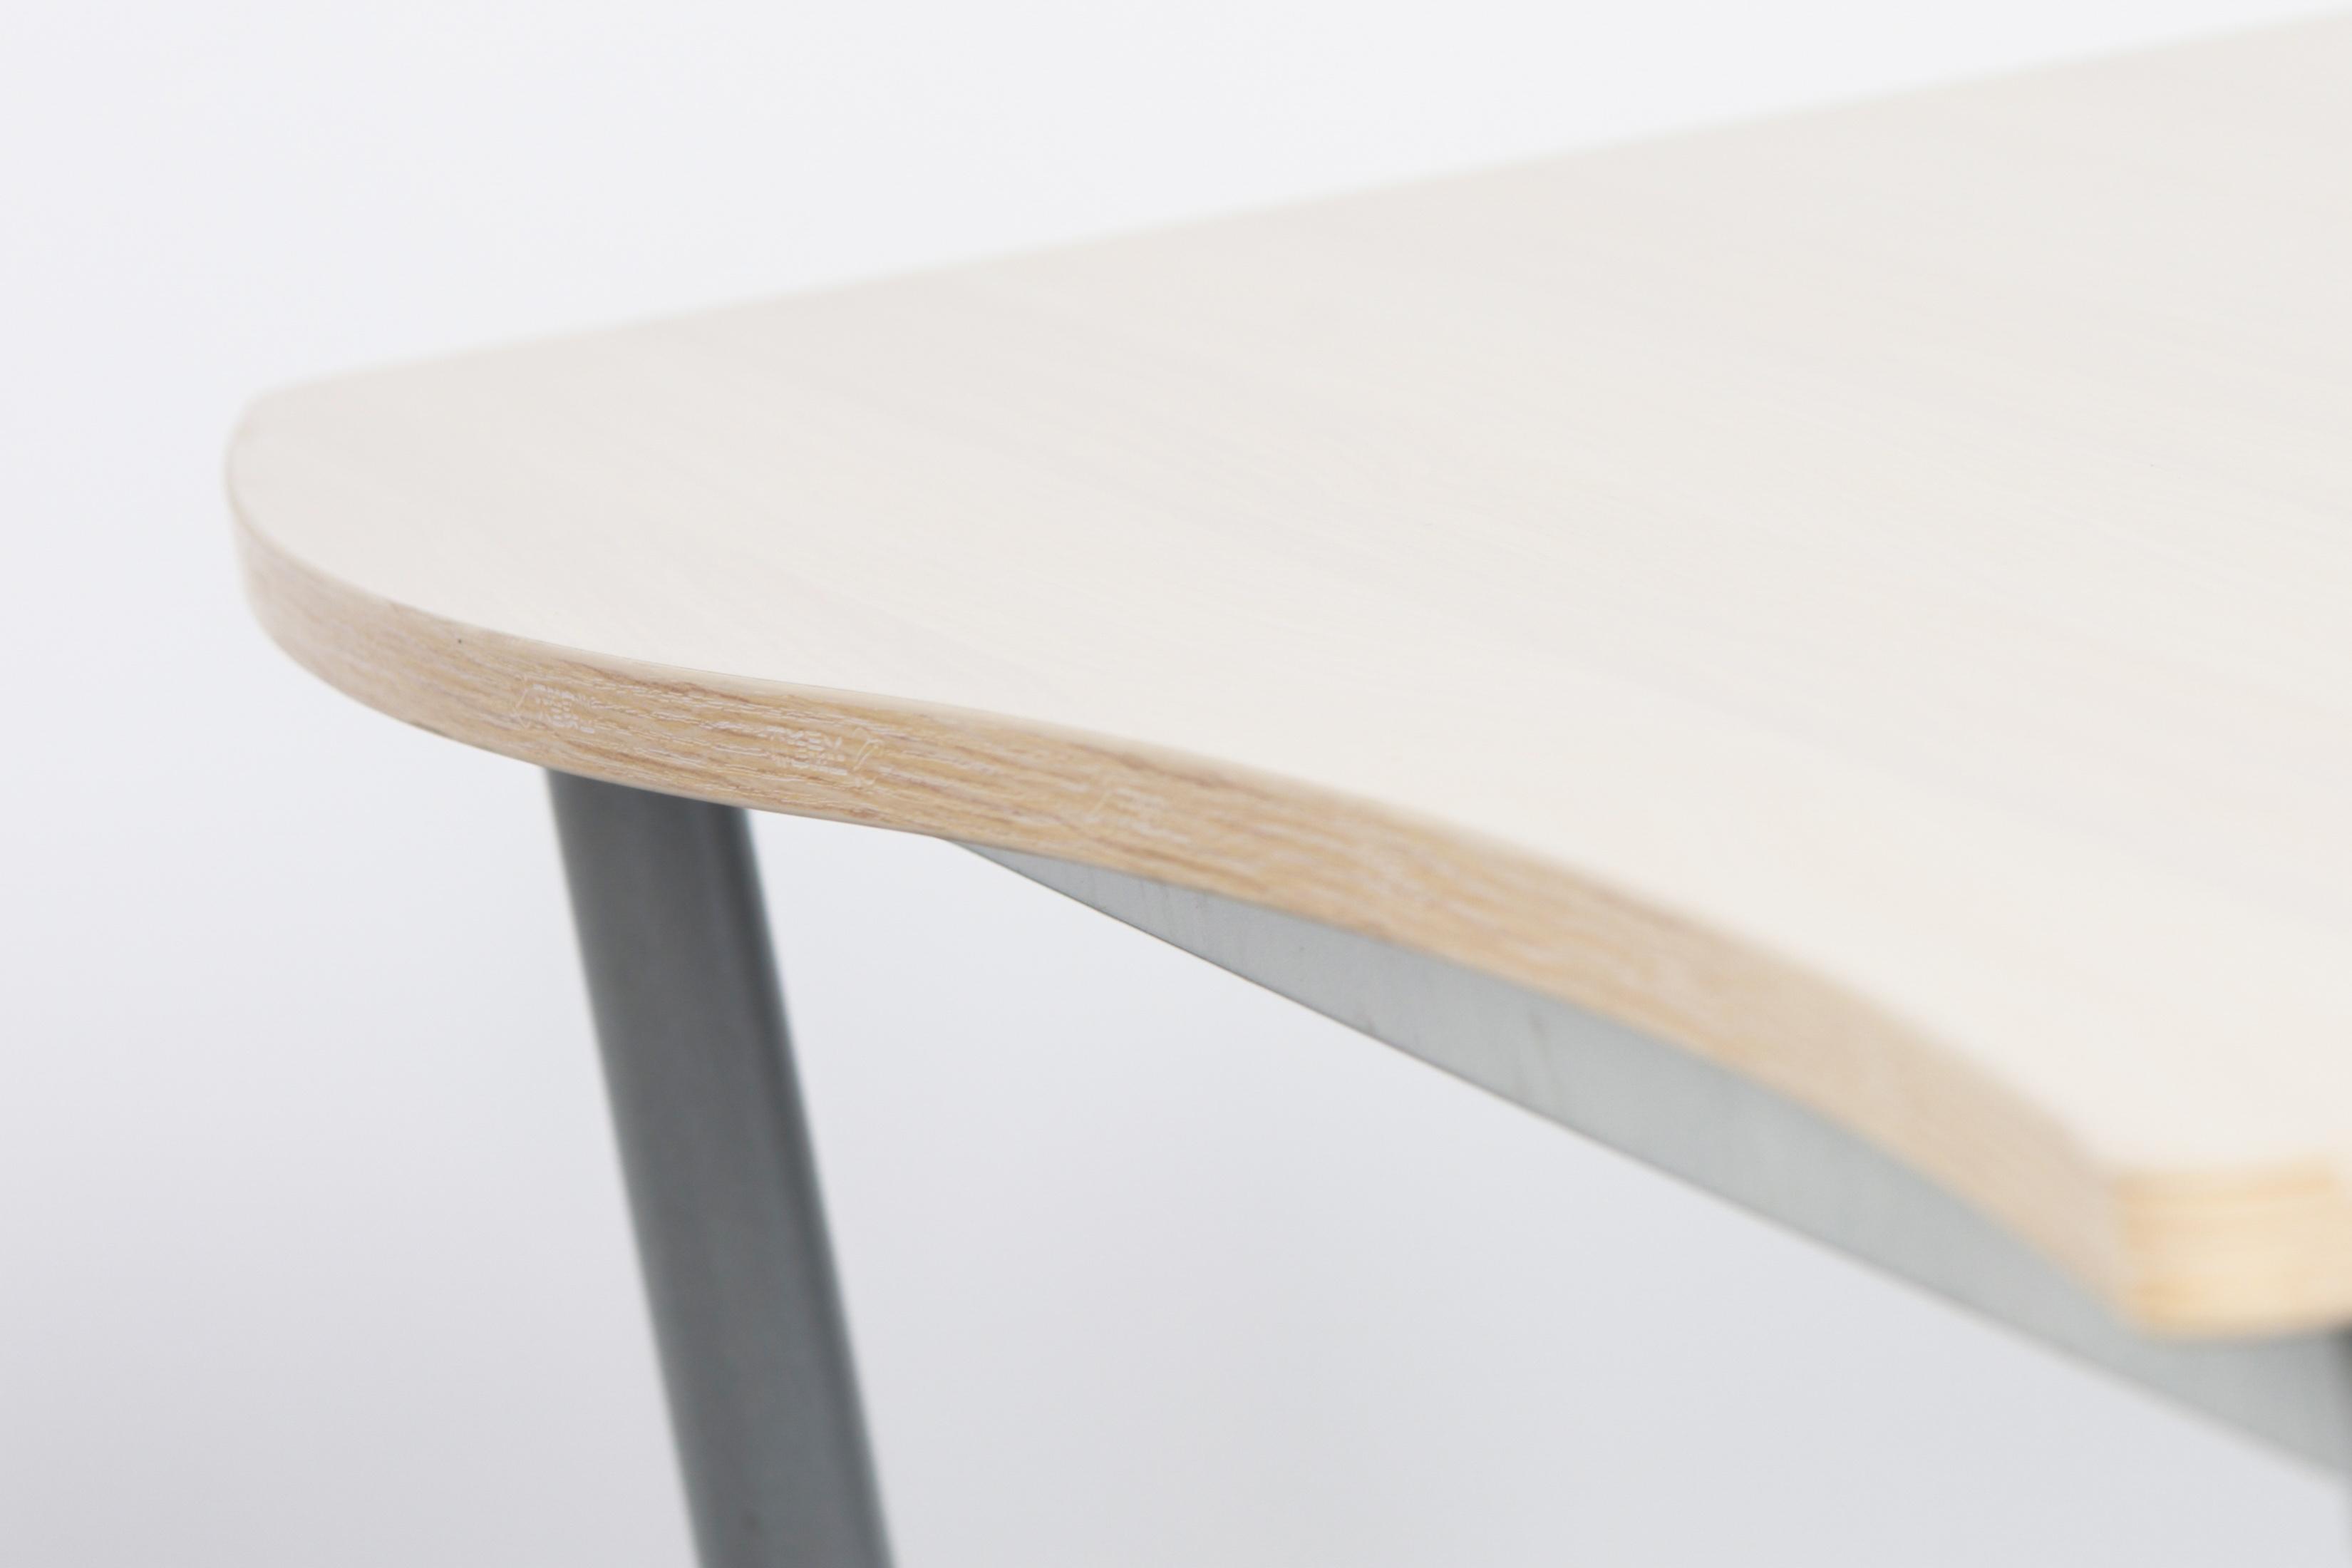 学生课桌椅一般常用到哪些面板材料制作_分分彩技巧